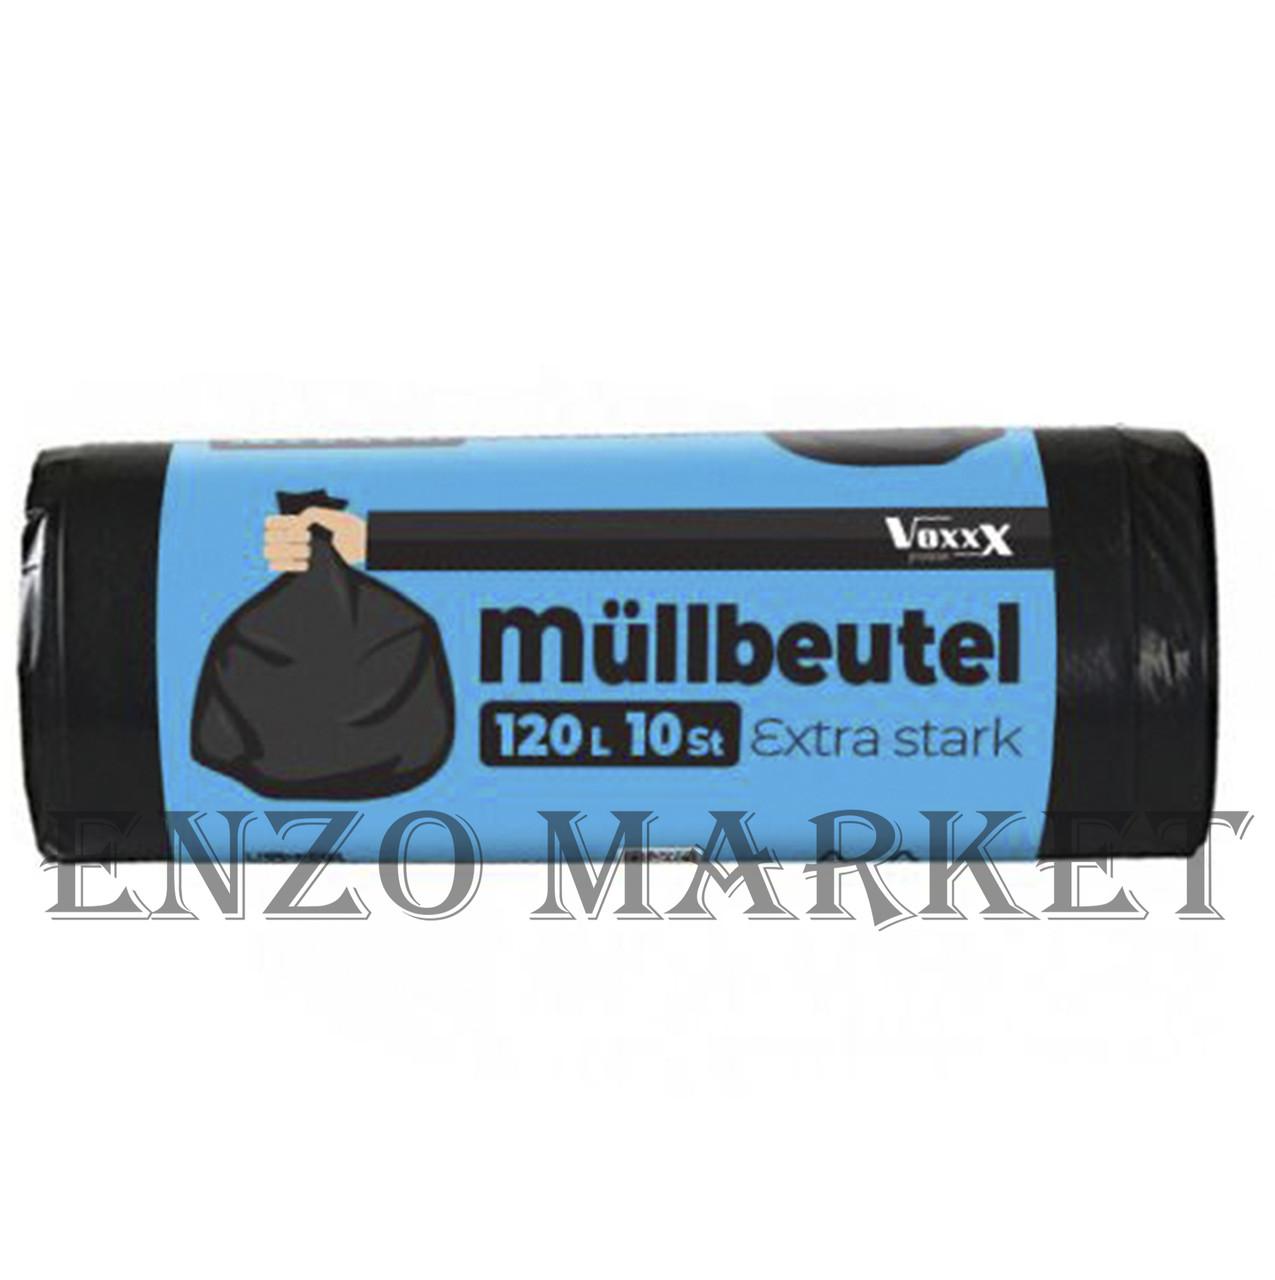 Пакеты для мусора Mullbeute LDPE 120 литров/10 штук